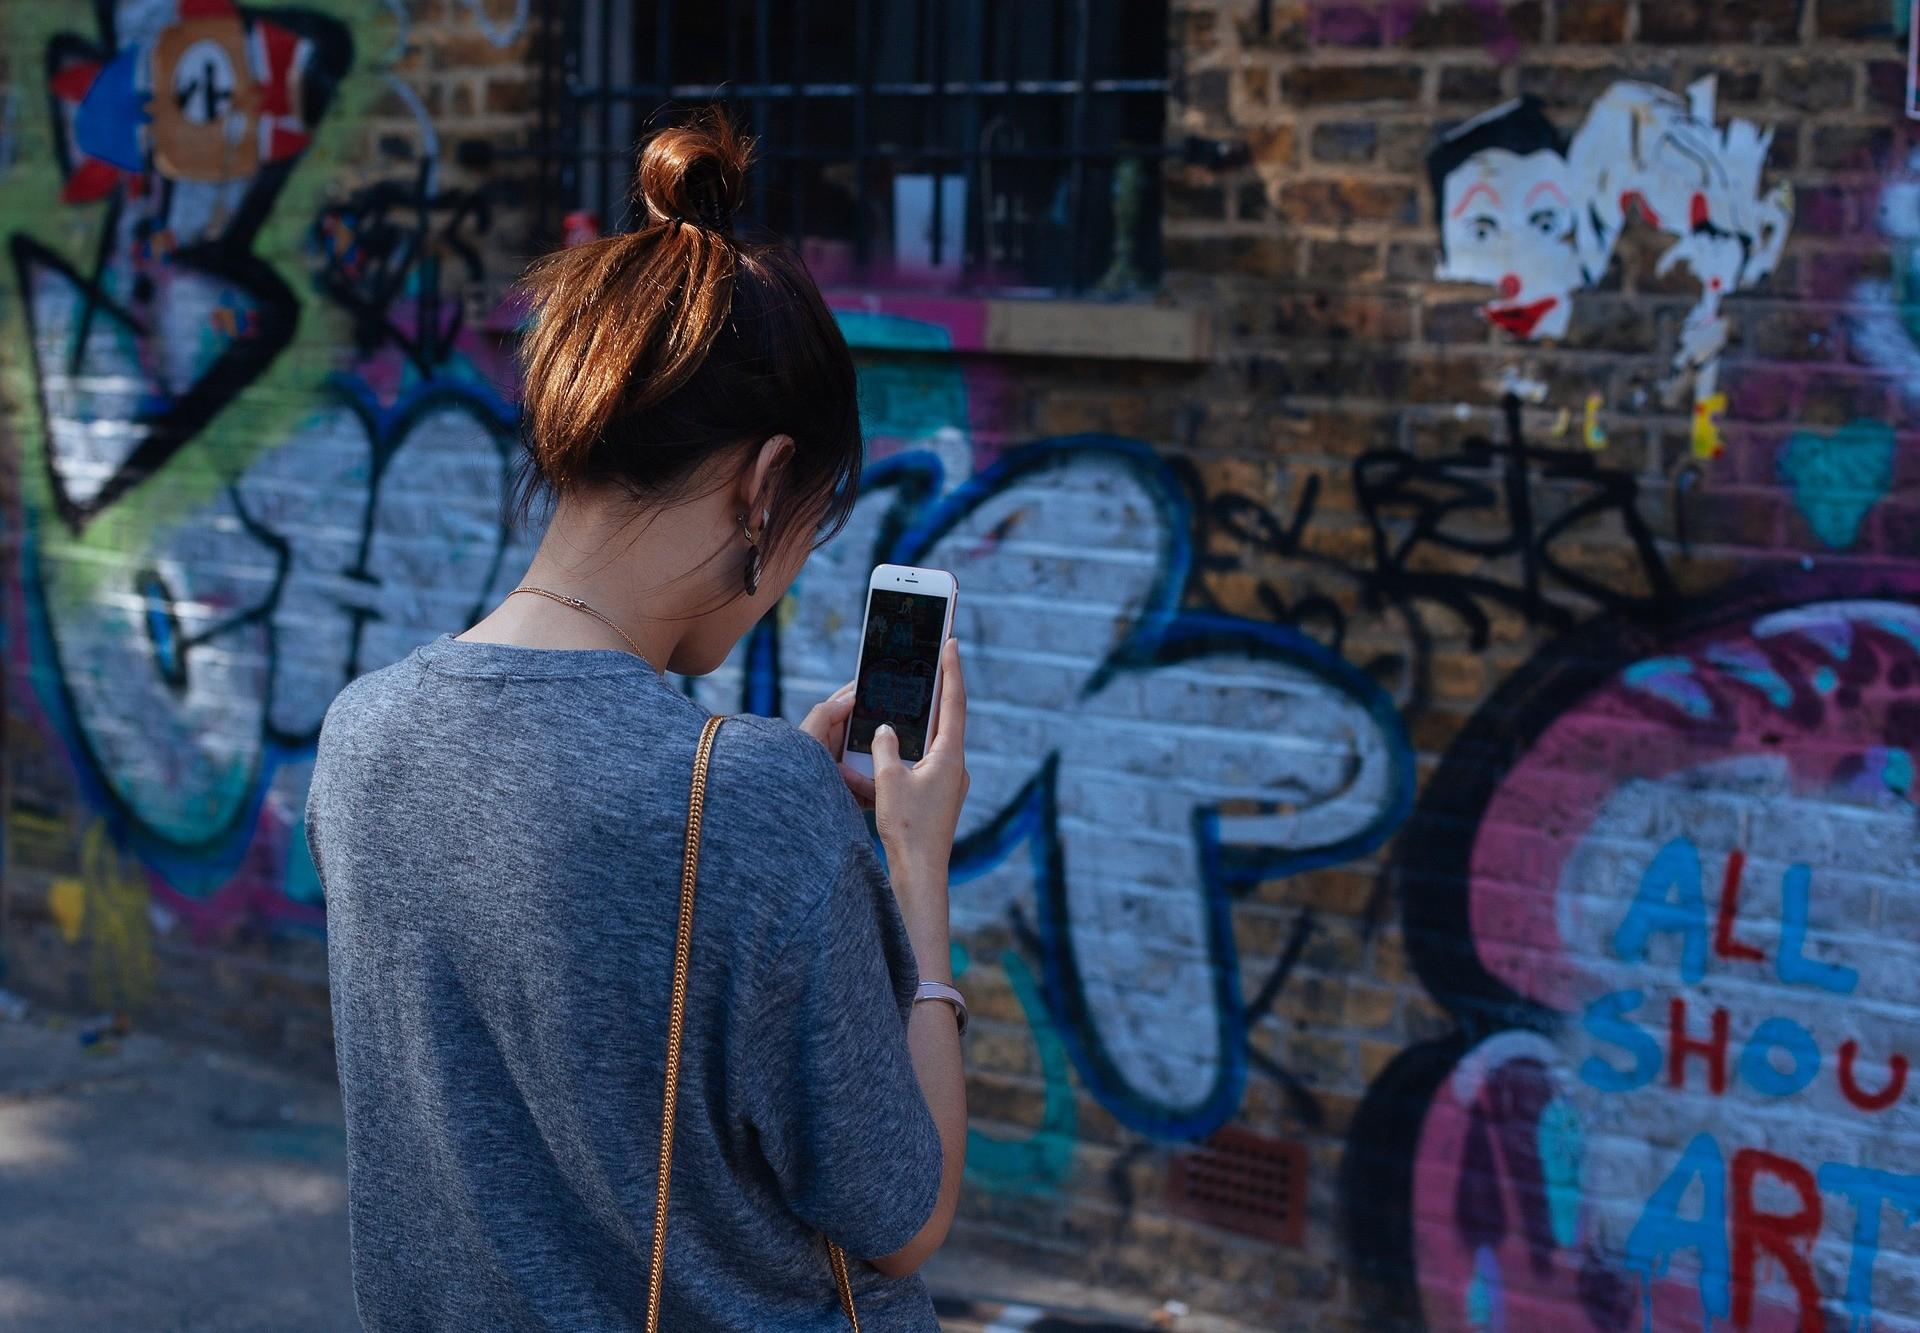 ▲▼玩手機、正妹、拍照、照相。(圖/取自pixabay)